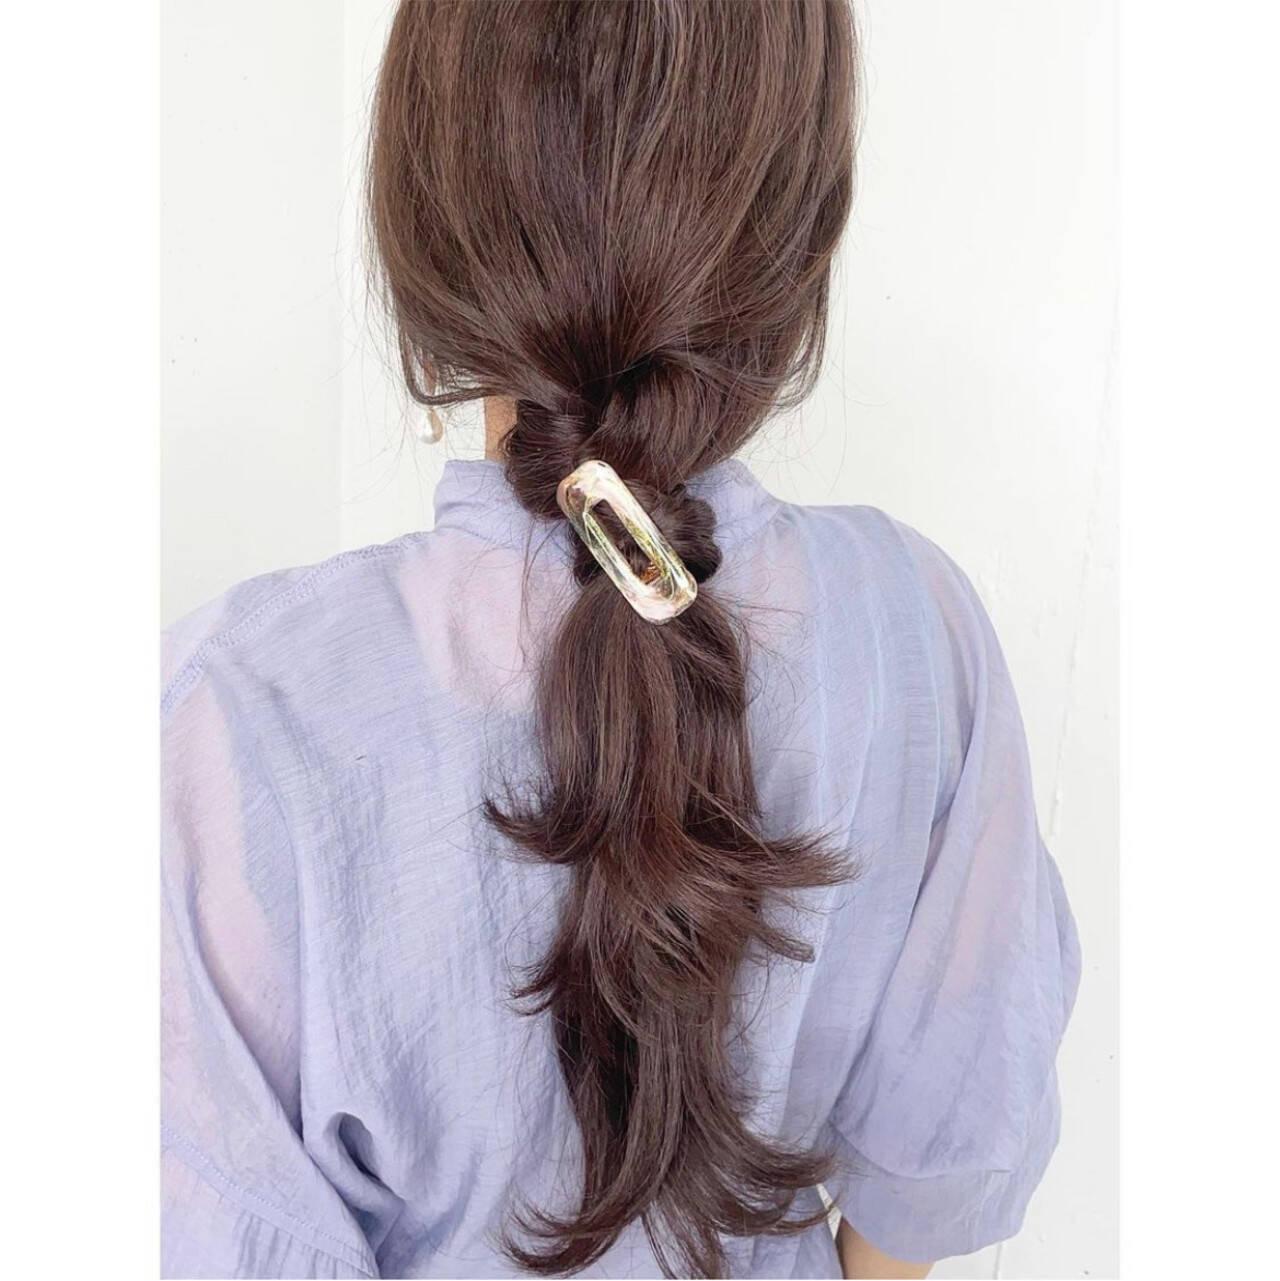 ヘアクリップ 簡単ヘアアレンジ ナチュラル ヘアアレンジヘアスタイルや髪型の写真・画像